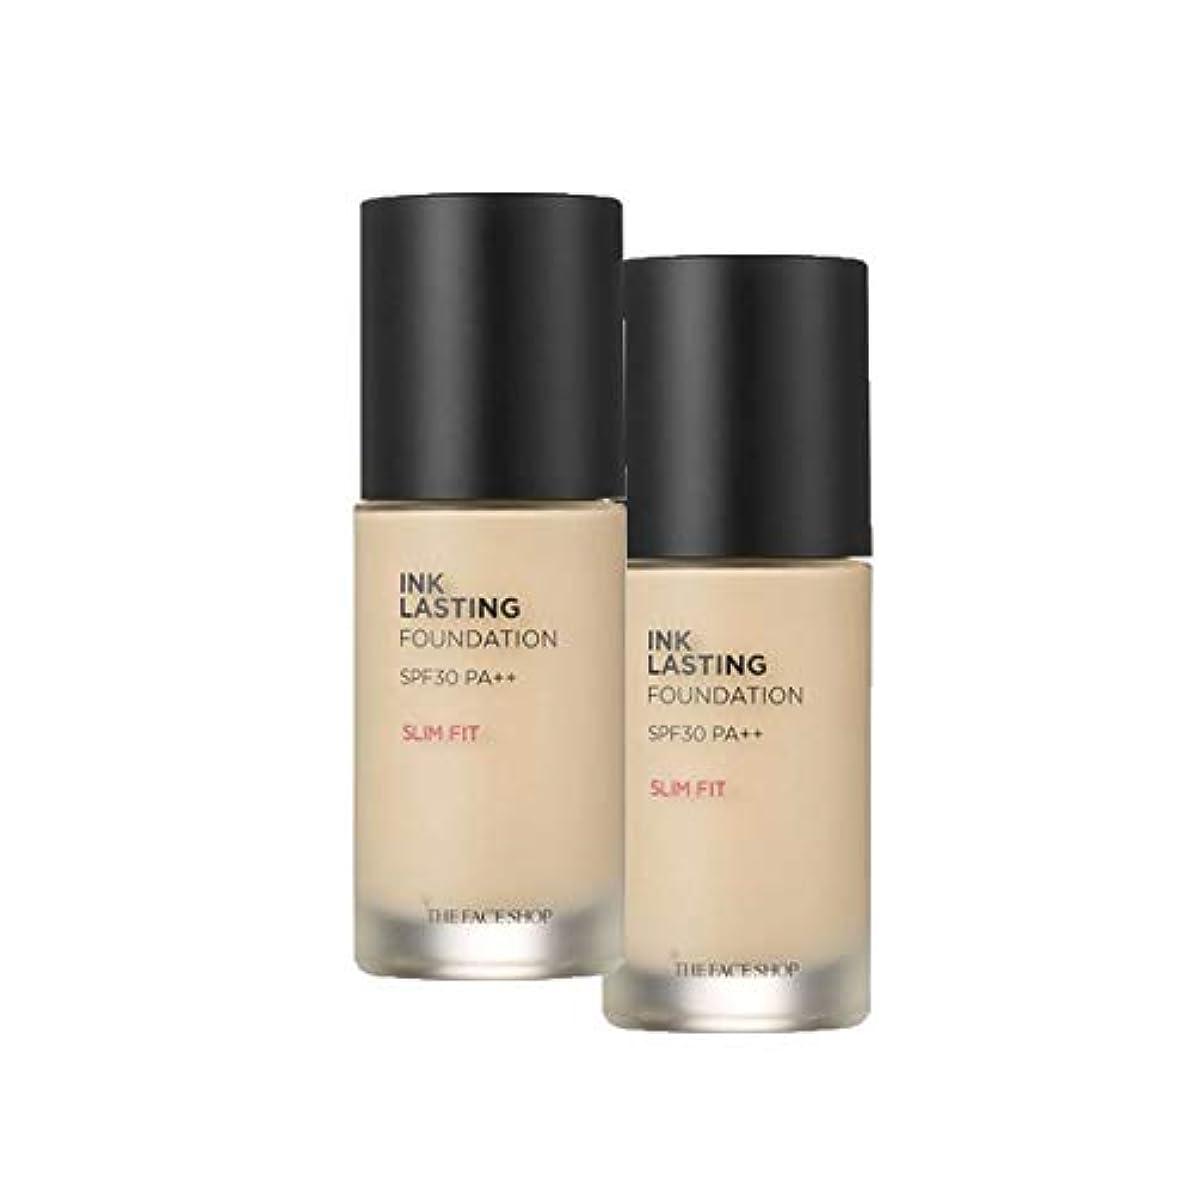 セットアップ指定する急襲ザ?フェイスショップのインクラスティングファンデーションスリムフィット5カラー30mlx2本セット韓国コスメ、The Face Shop Ink Lasting Foundation Slim Fit 5 Colors 30ml x 2ea Set Korean Cosmetics [並行輸入品] (N203. Natural Beige)